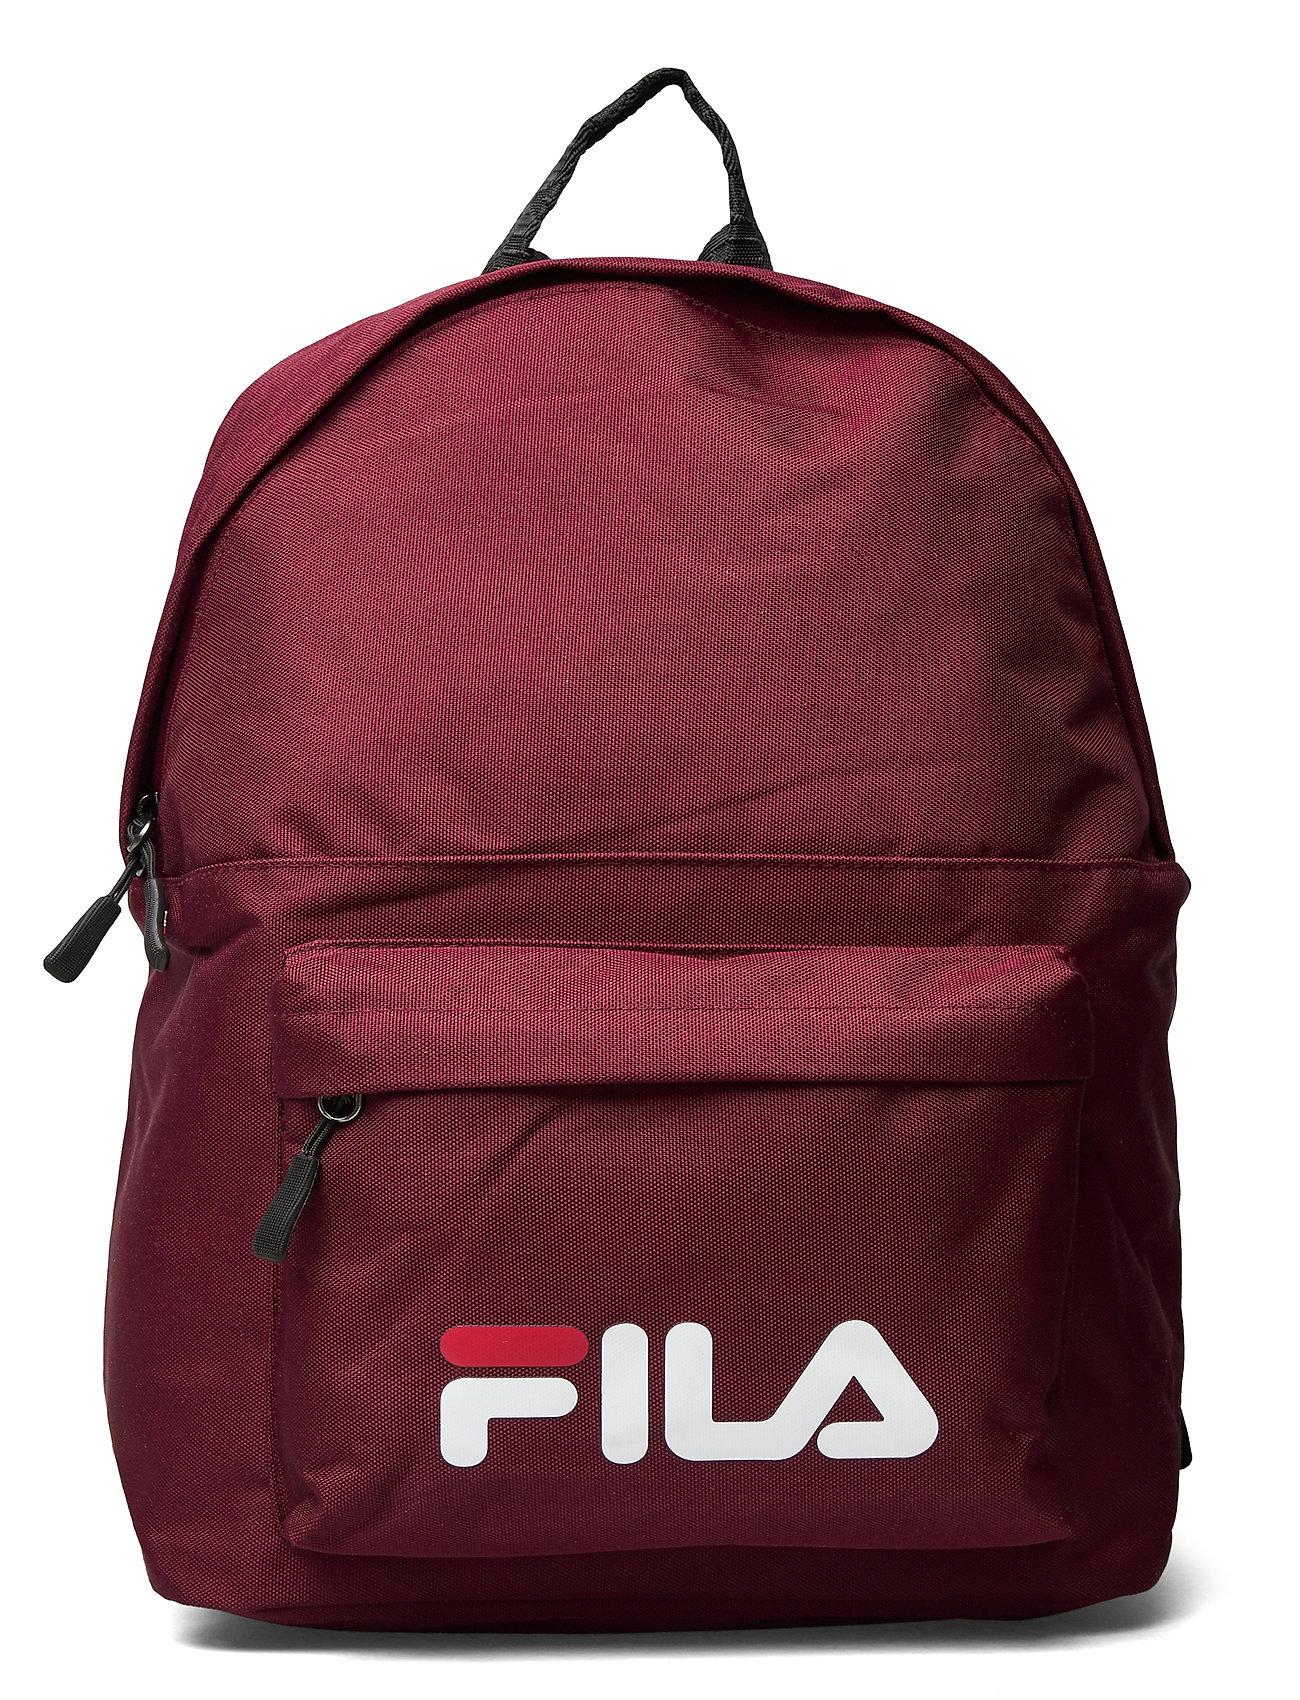 Image of New Backpack SÔøΩCool T Rygsæk Taske Lilla FILA (3448366351)